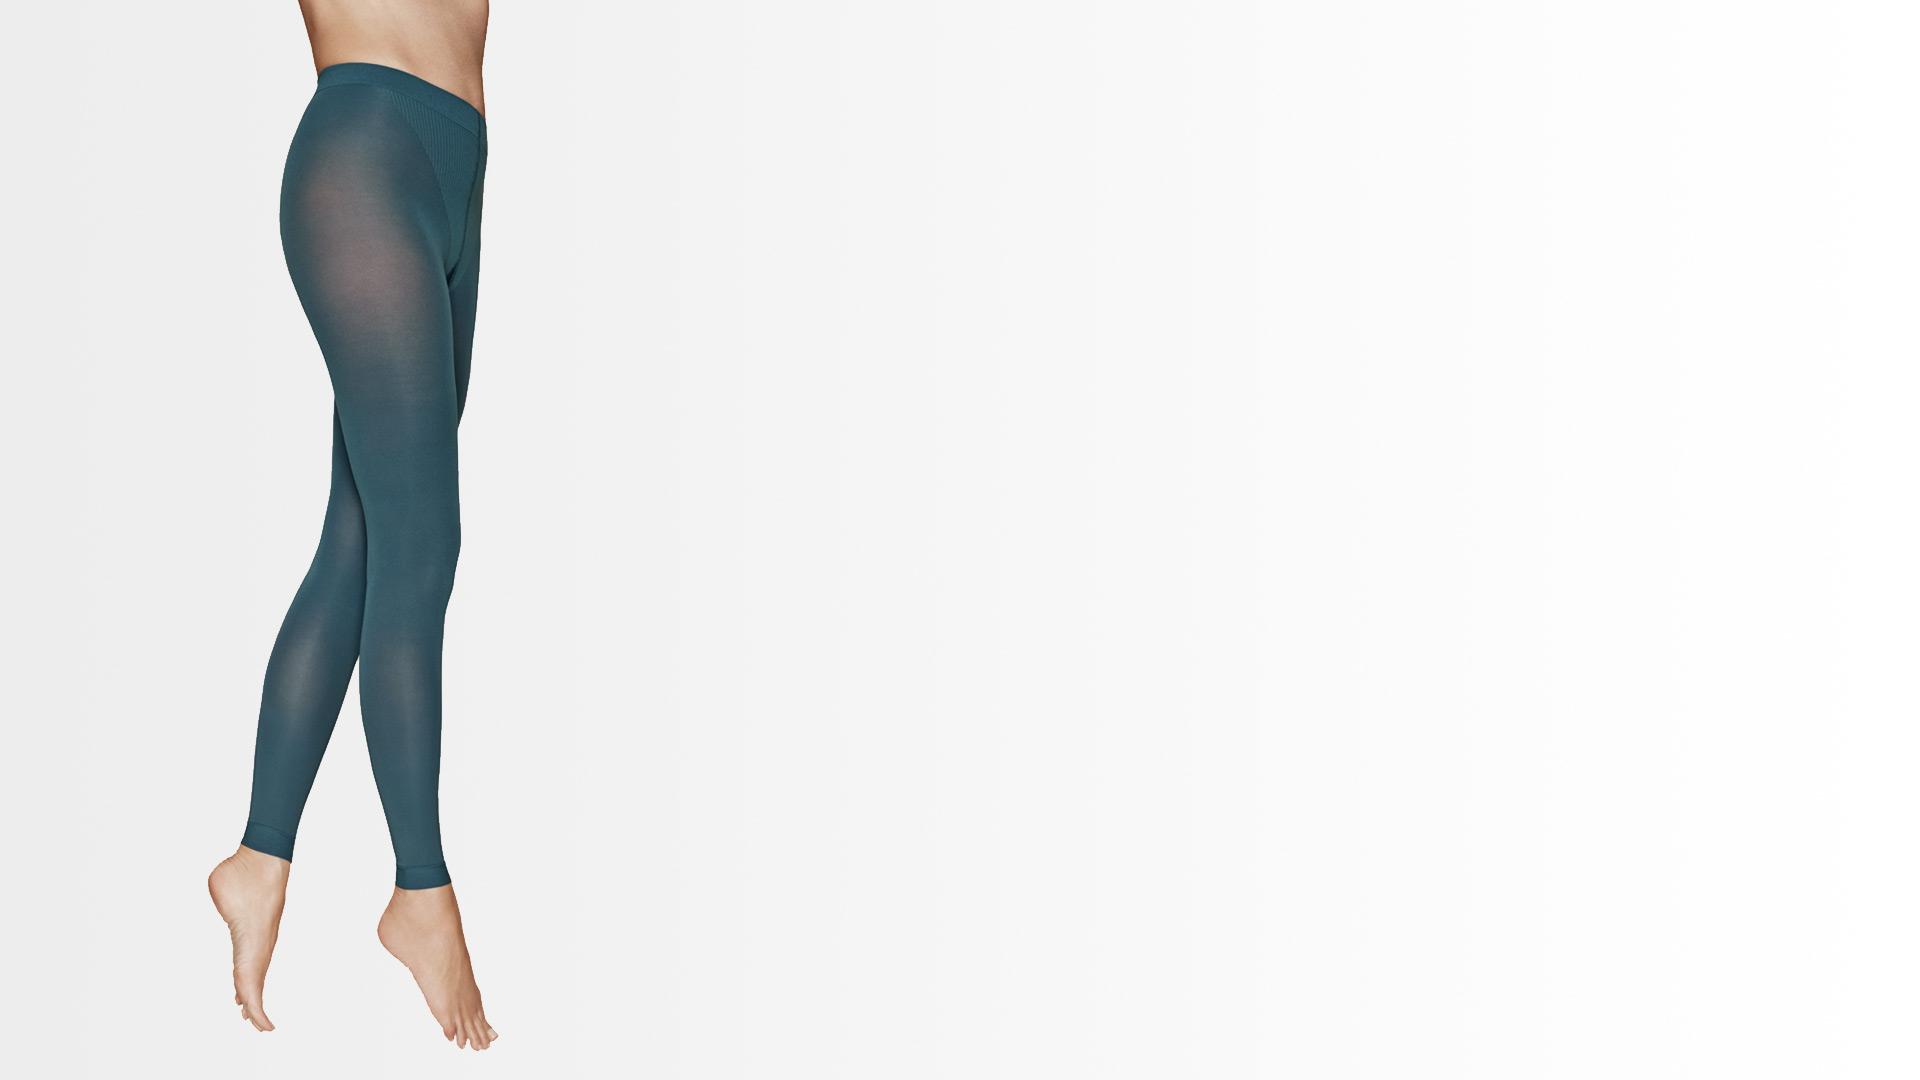 295ff6d55b Calze e collant donna preventive per il benessere delle gambe